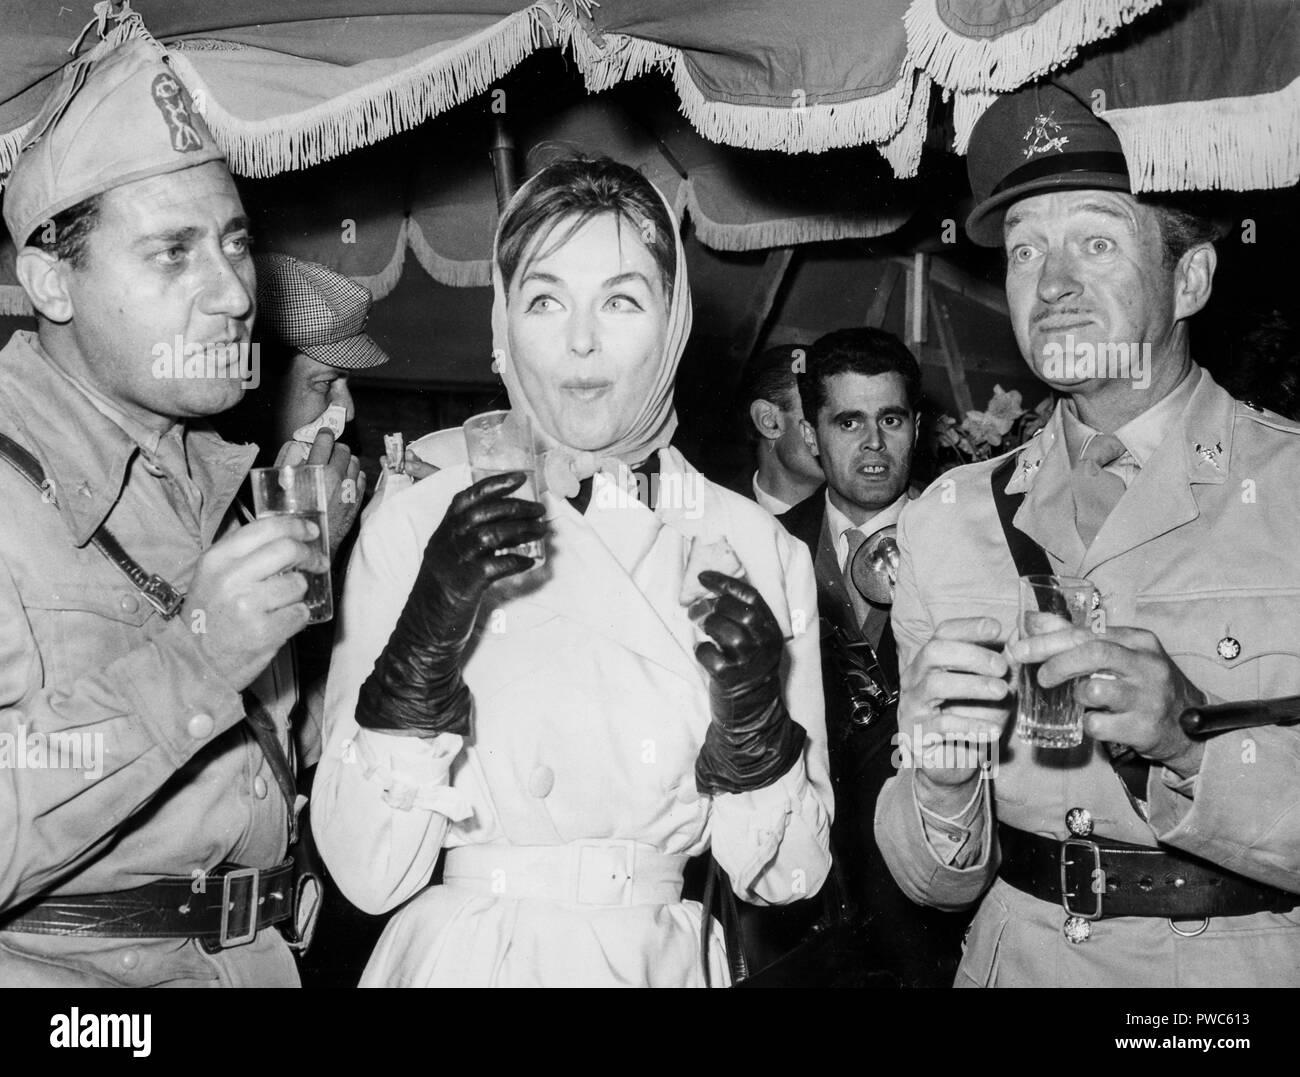 david niven, hjordis paulina tersmeden, alberto sordi, the best of enemies, 1961 - Stock Image